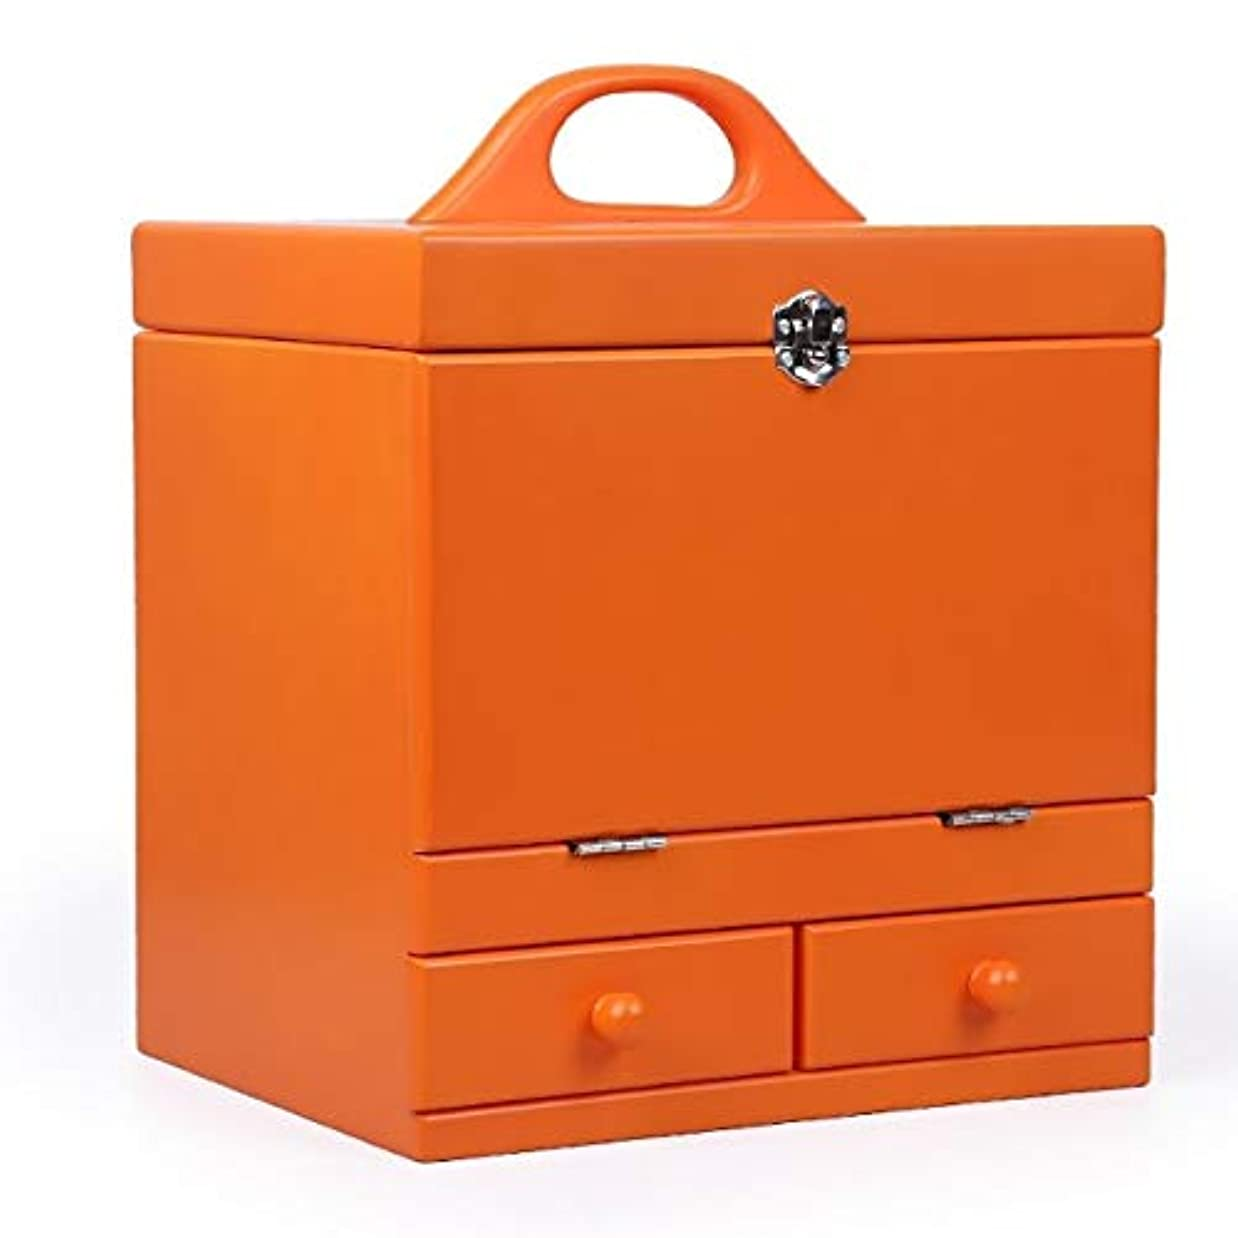 承認する圧縮もちろん化粧箱、オレンジ二重デッキヴィンテージ木製彫刻化粧品ケース、ミラー、高級ウェディングギフト、新築祝いギフト、美容ネイルジュエリー収納ボックス